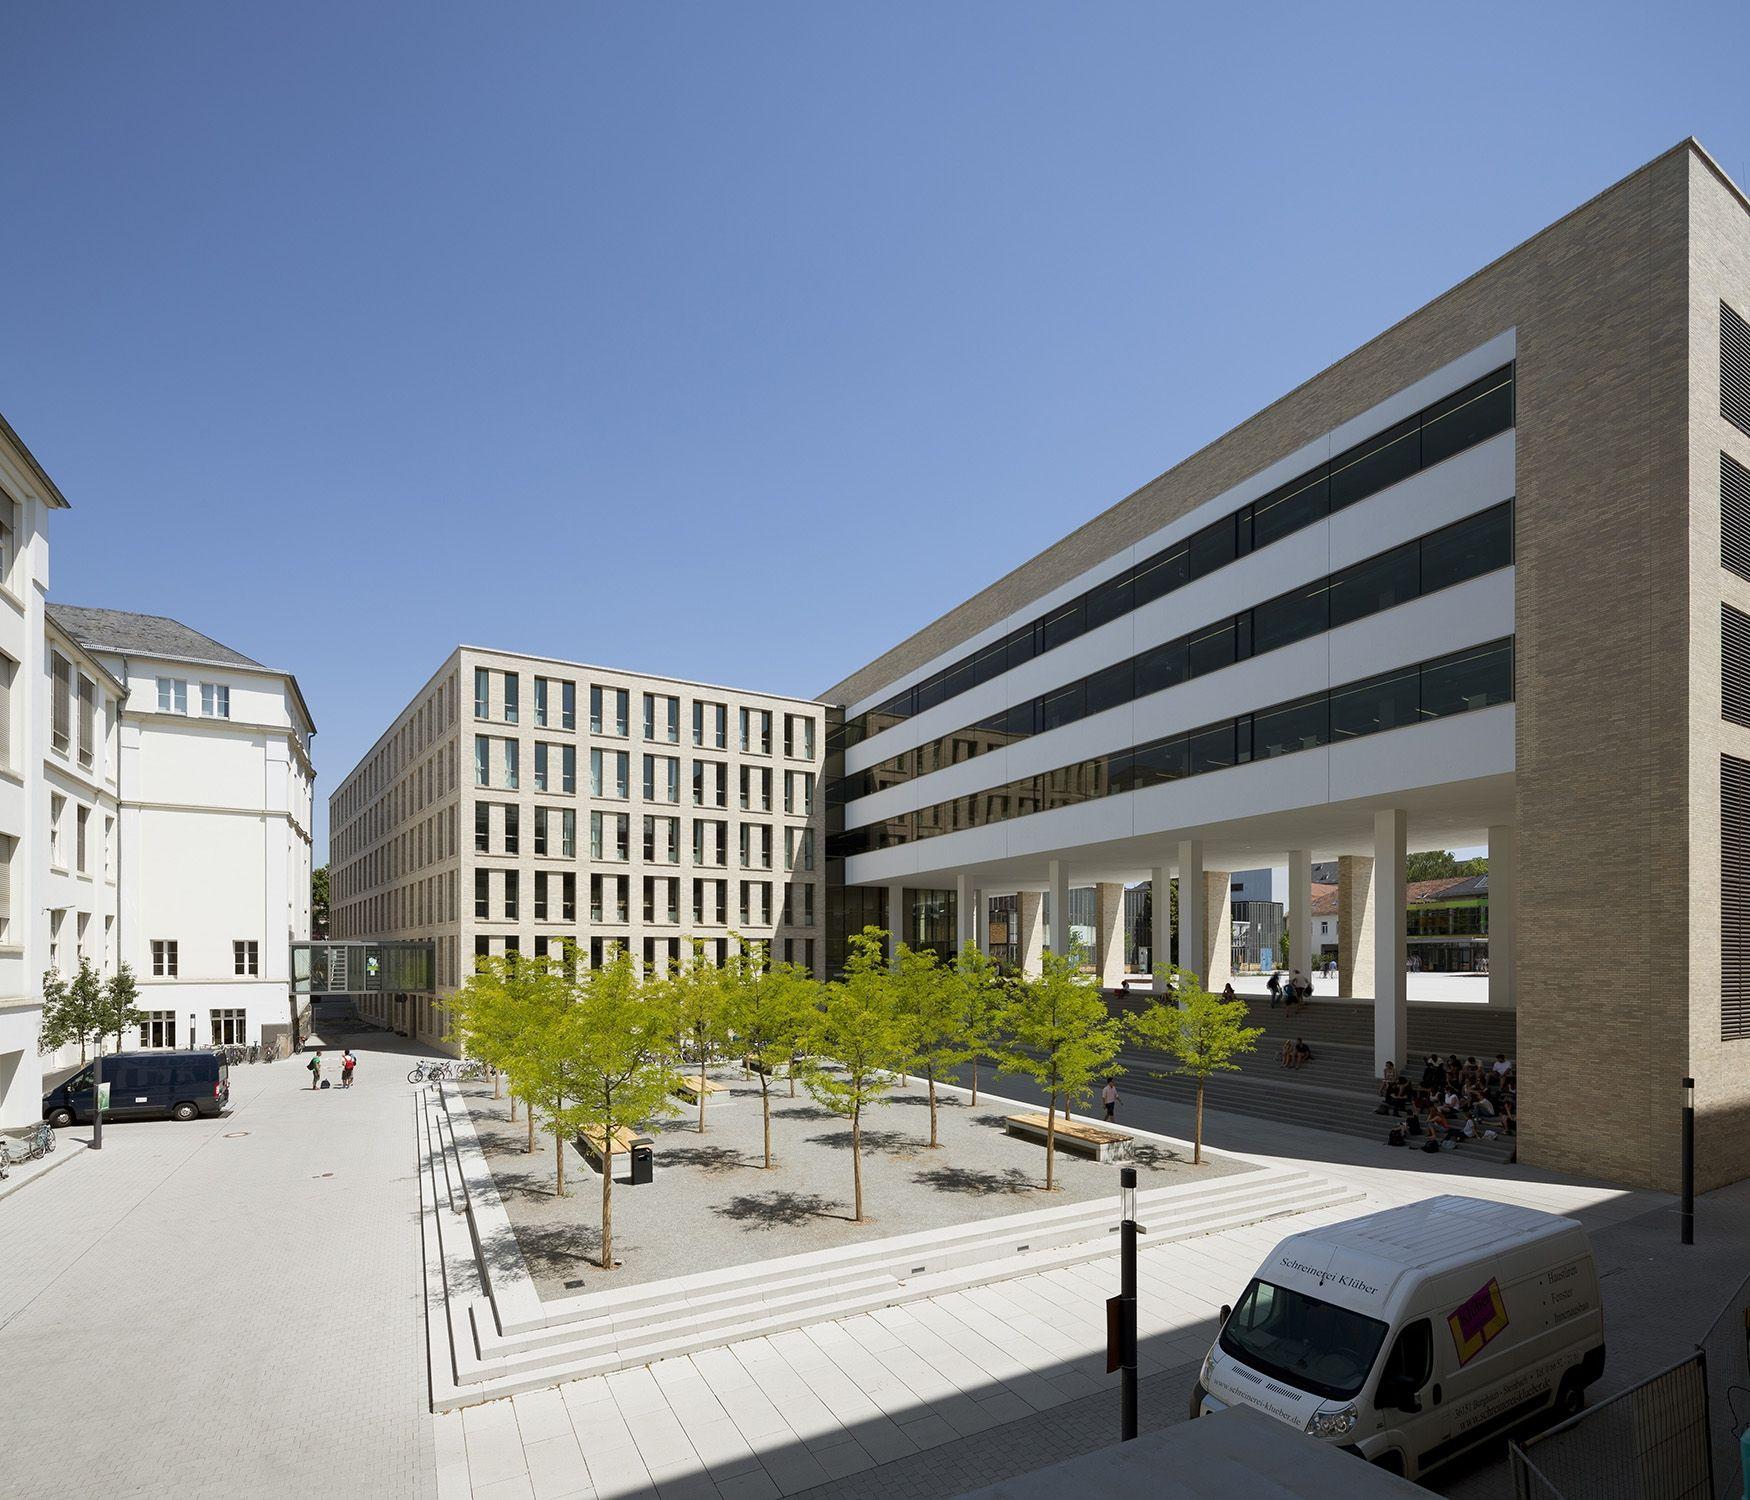 Architekten Darmstadt biblioteca universitaria y estatal universidad tecnológica de